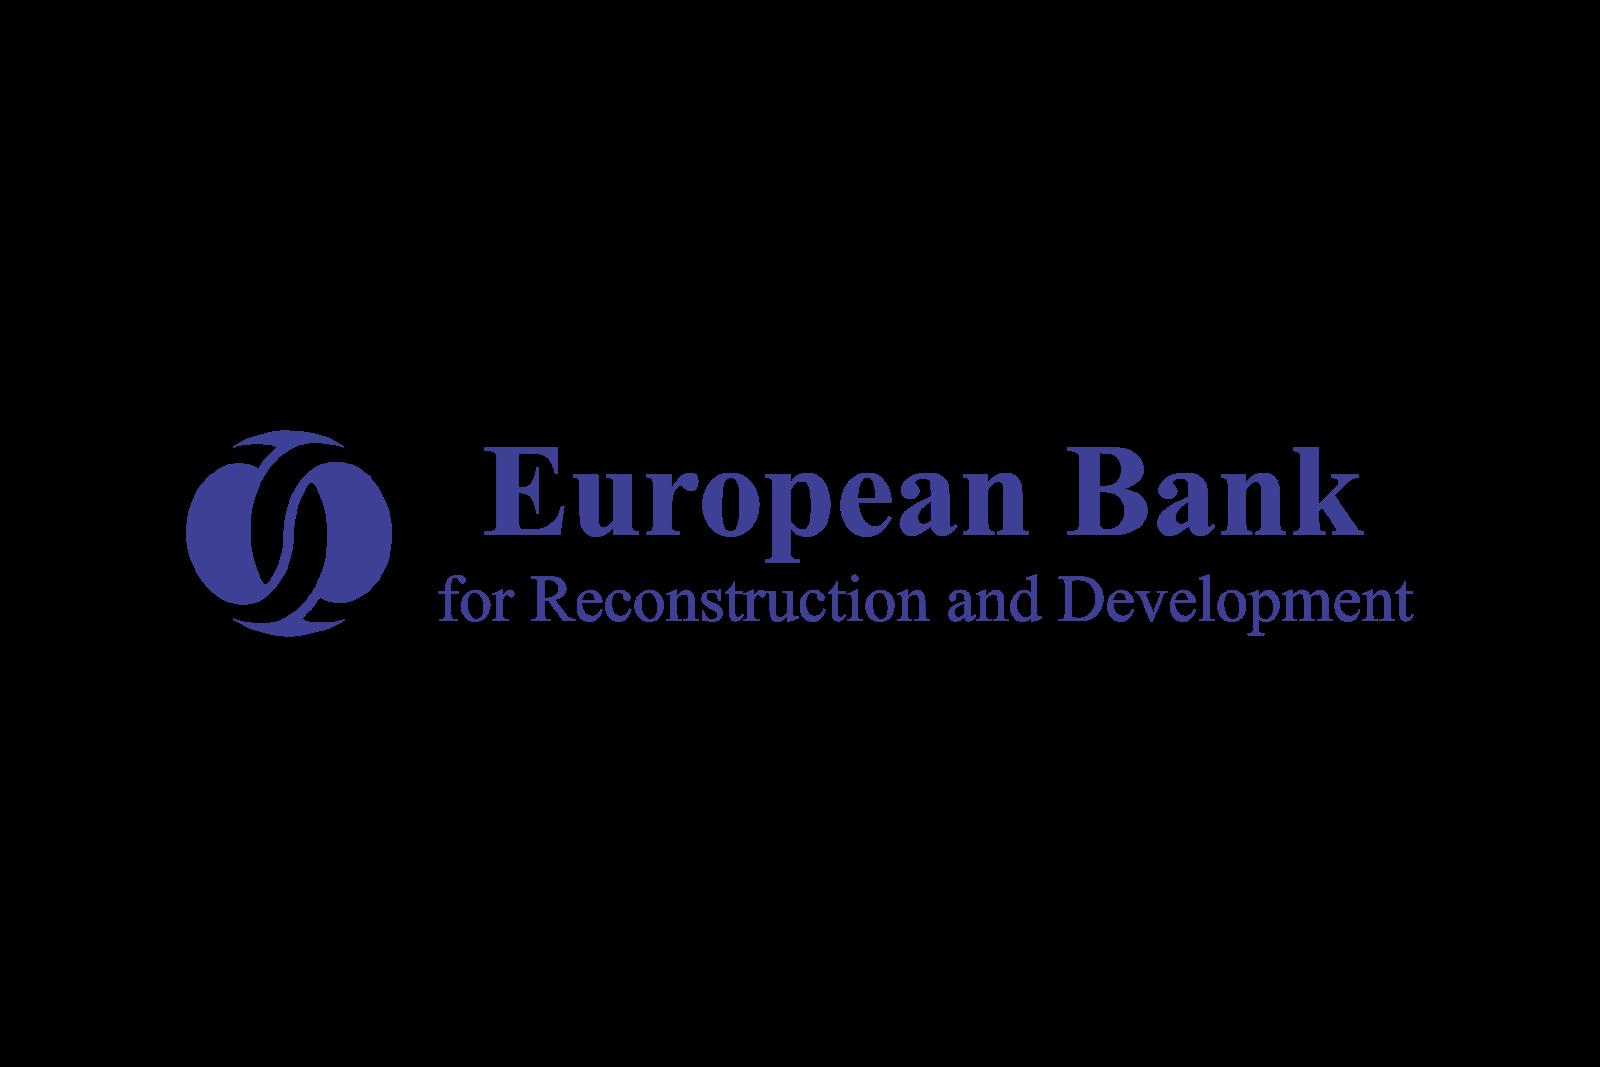 European Bank Logo